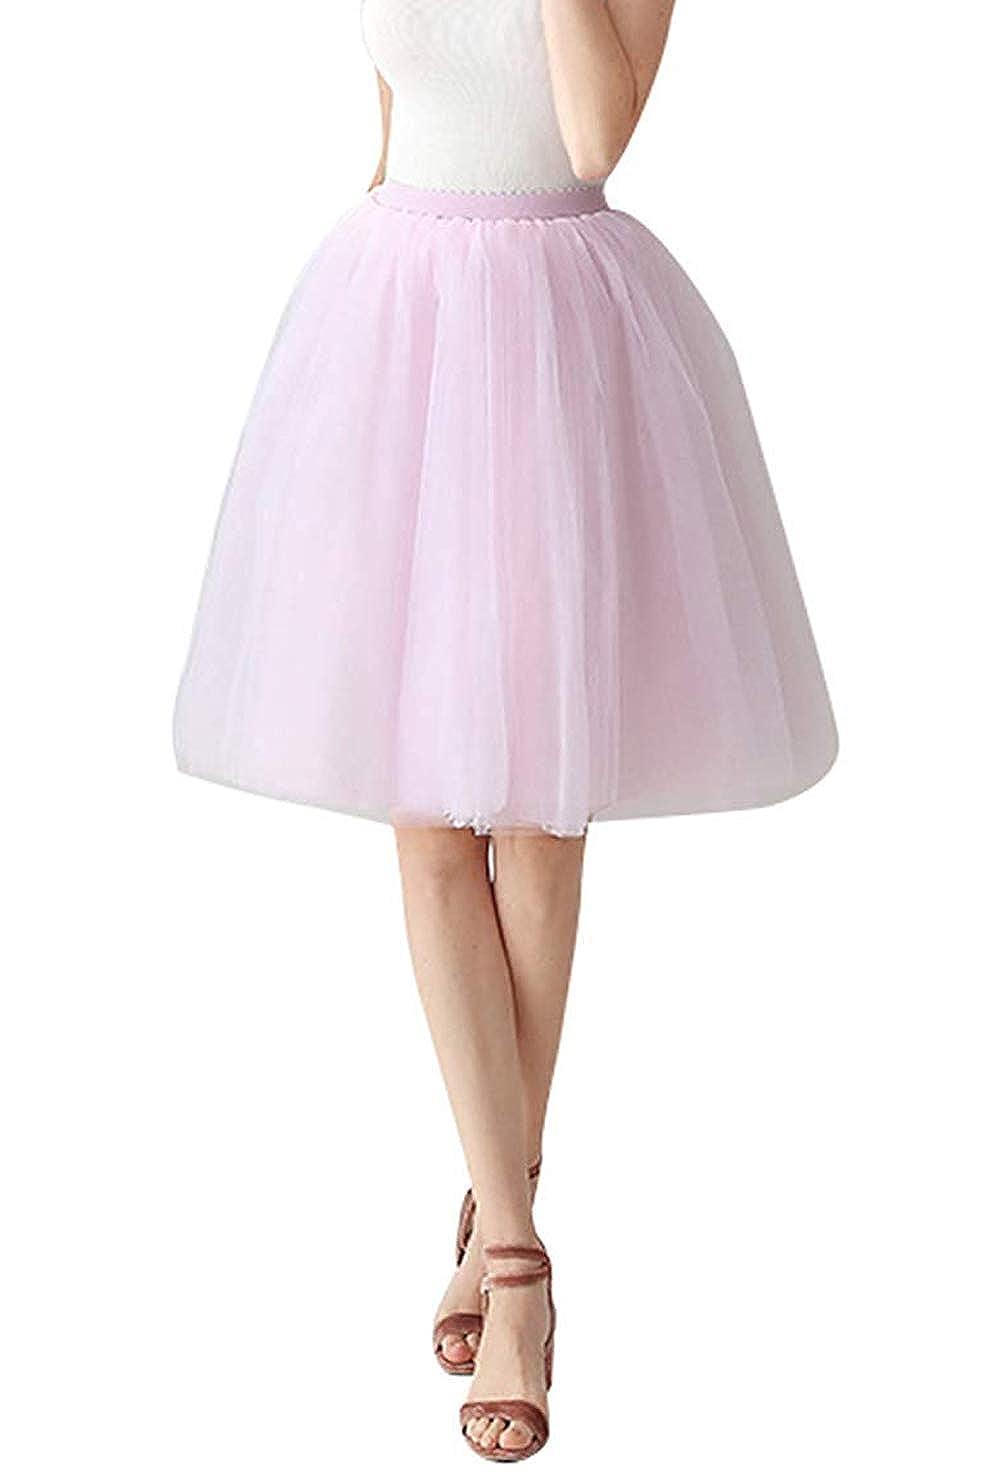 Anikigu Falda de Tulle para Mujer Cancan Enagua Faldas Princesas Vestido Ballet para Boda Noche Fiesta Disfraces Carnaval con Cintura El/ástica